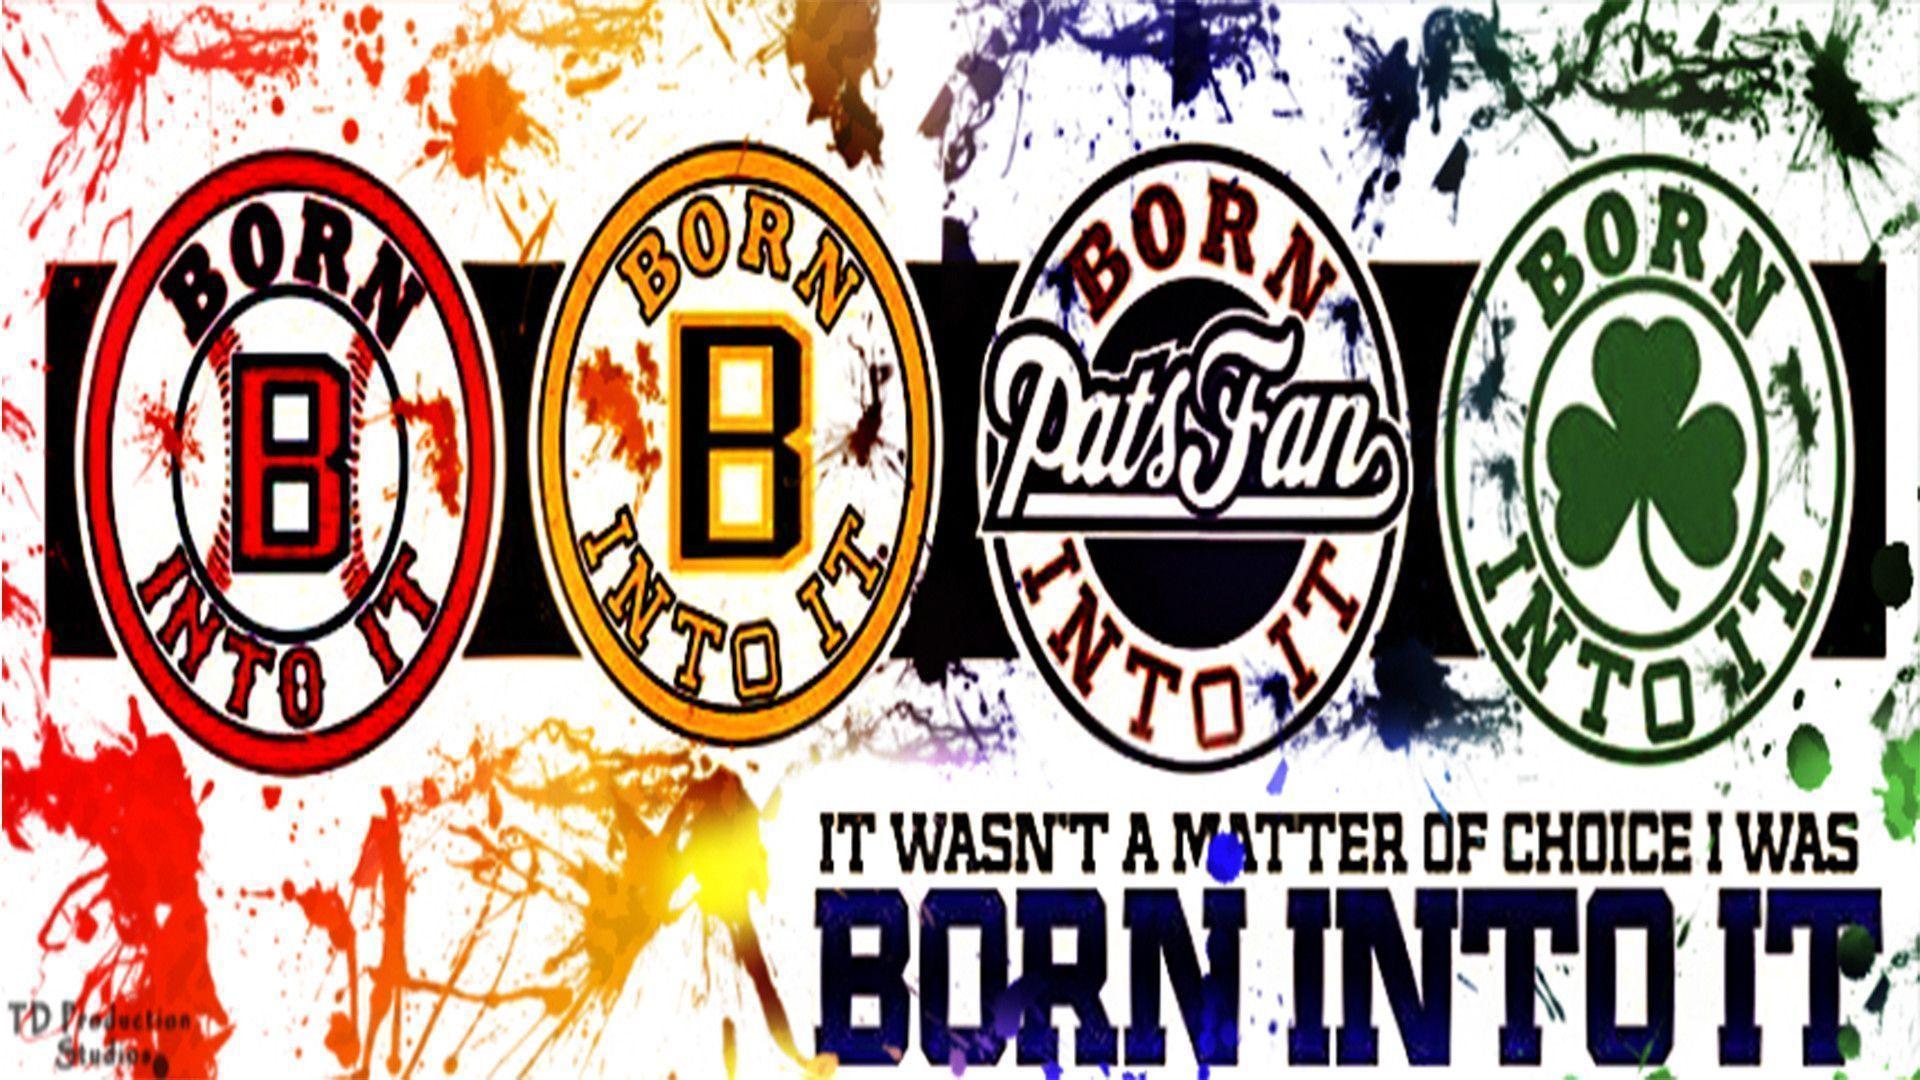 Boston Sports Wallpapers 1920x1080